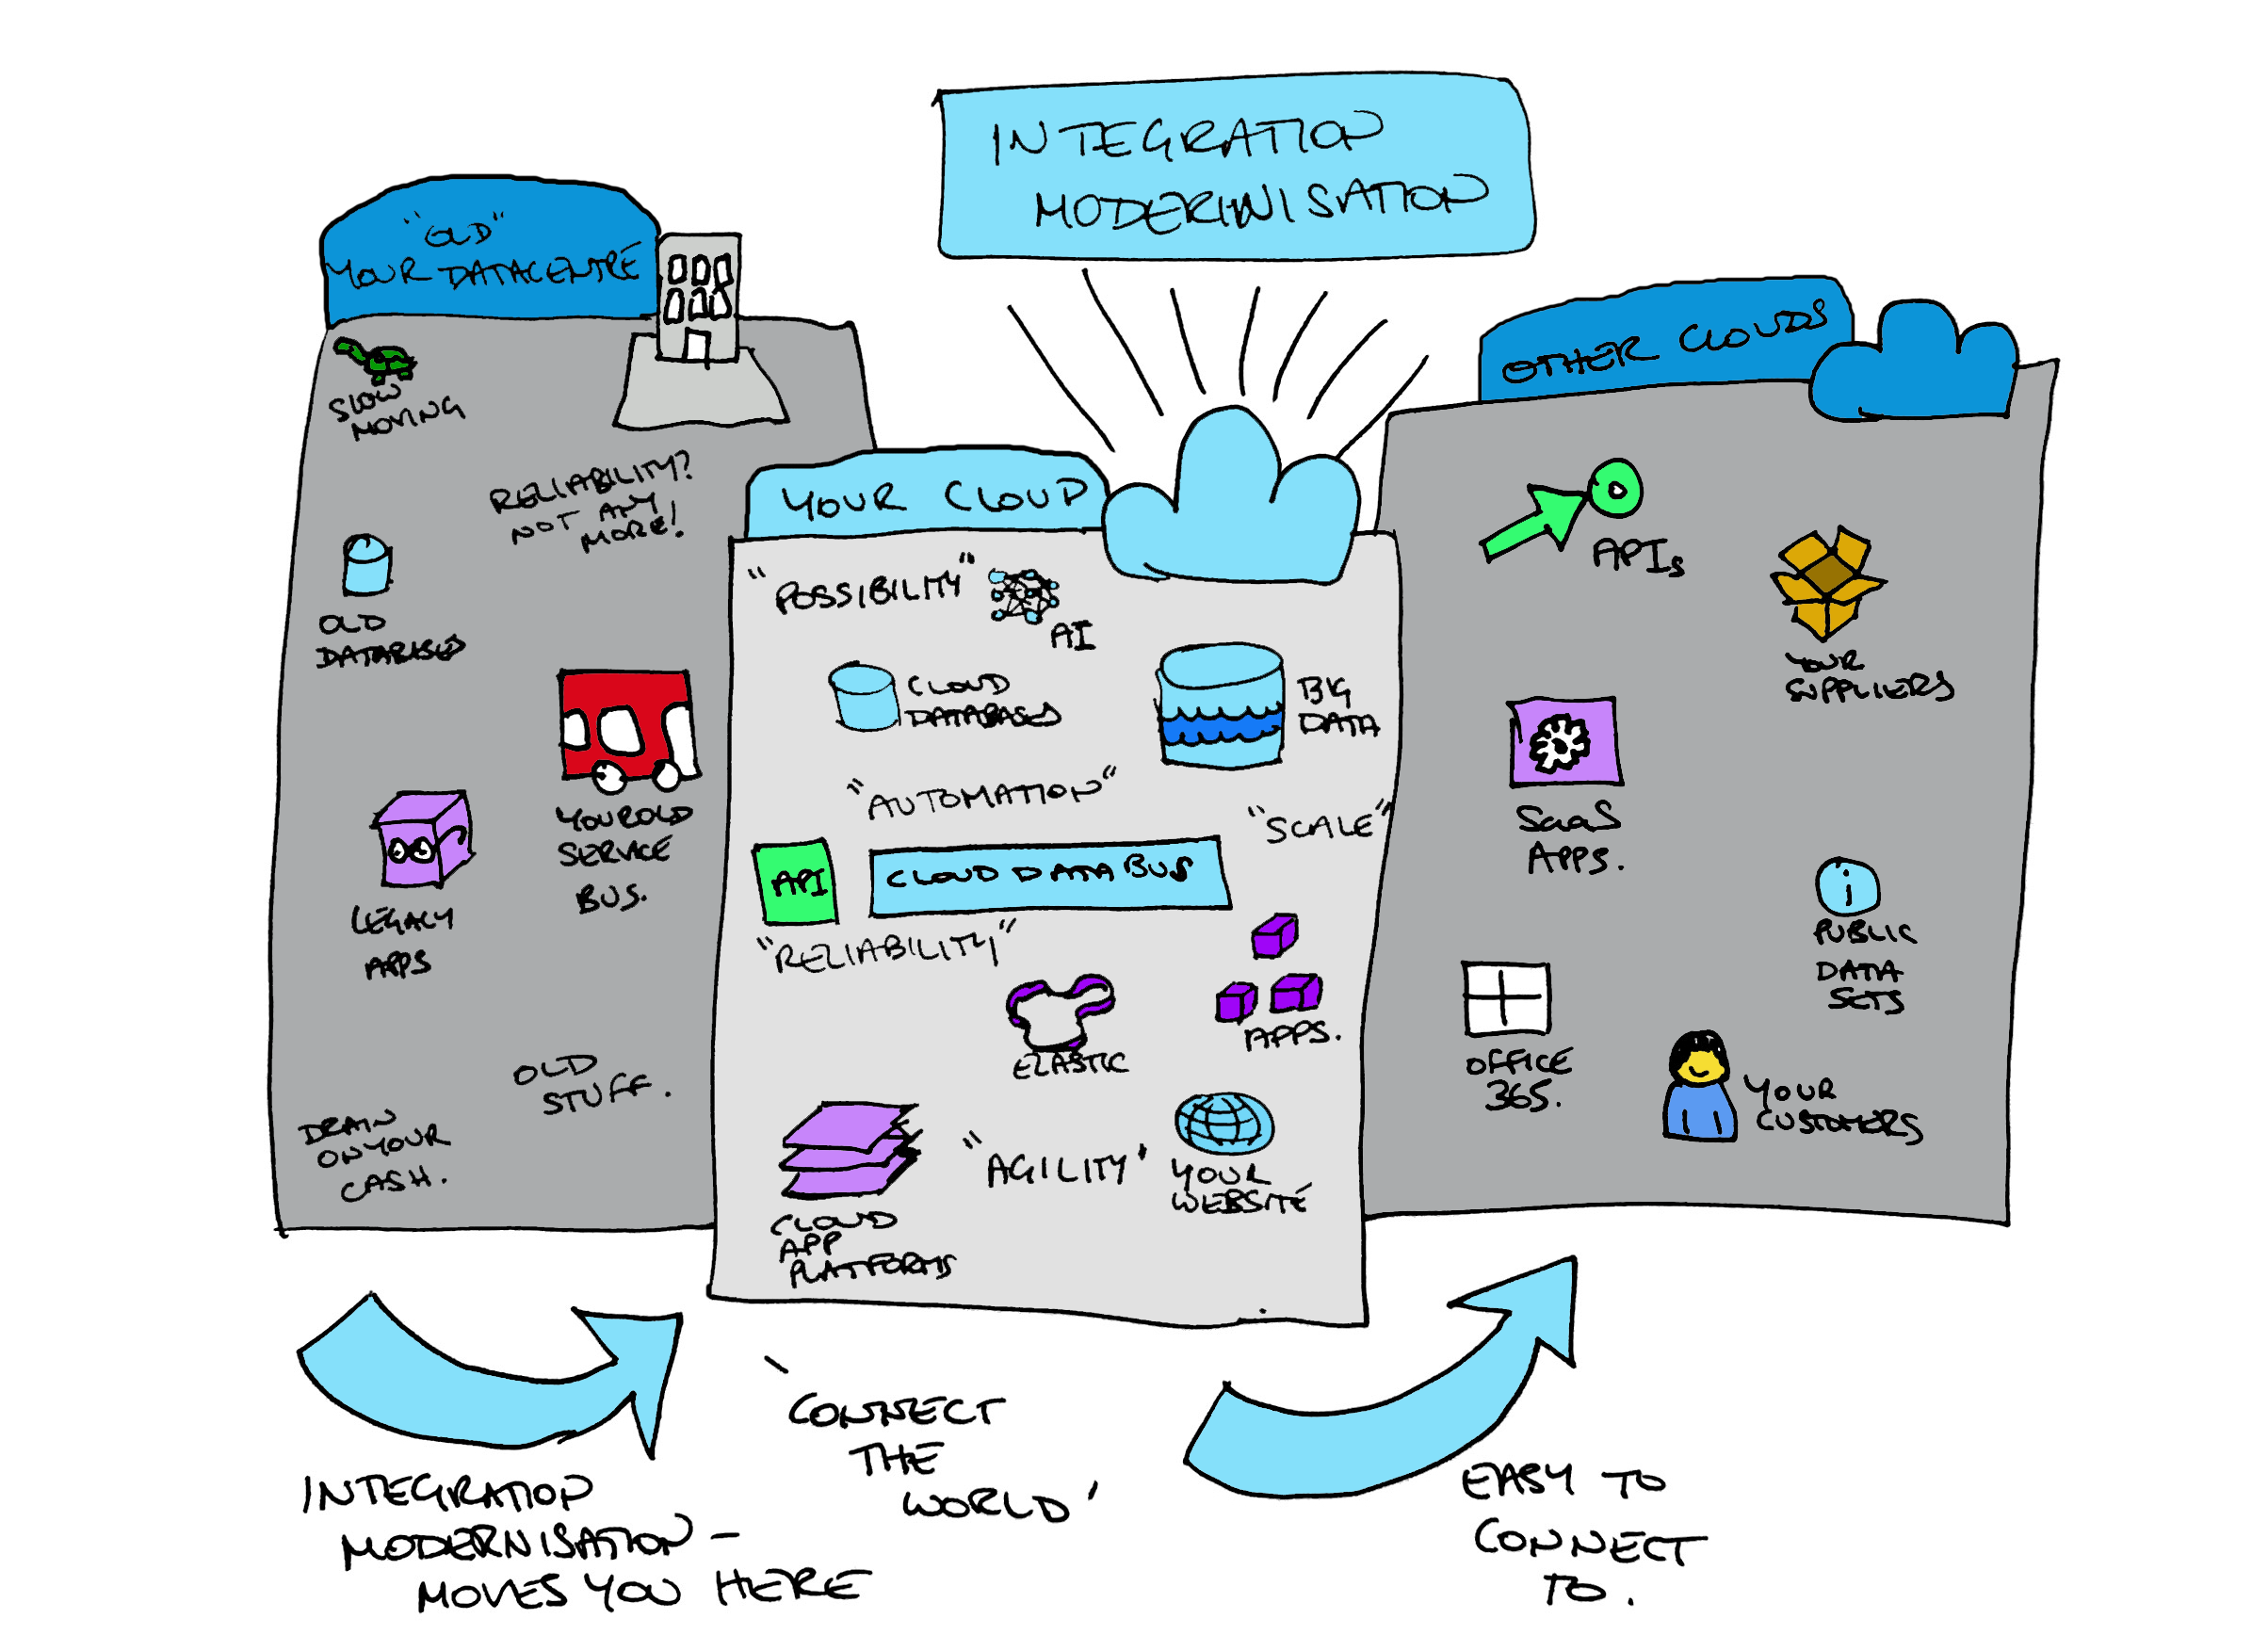 Integration Modernisation Drawing